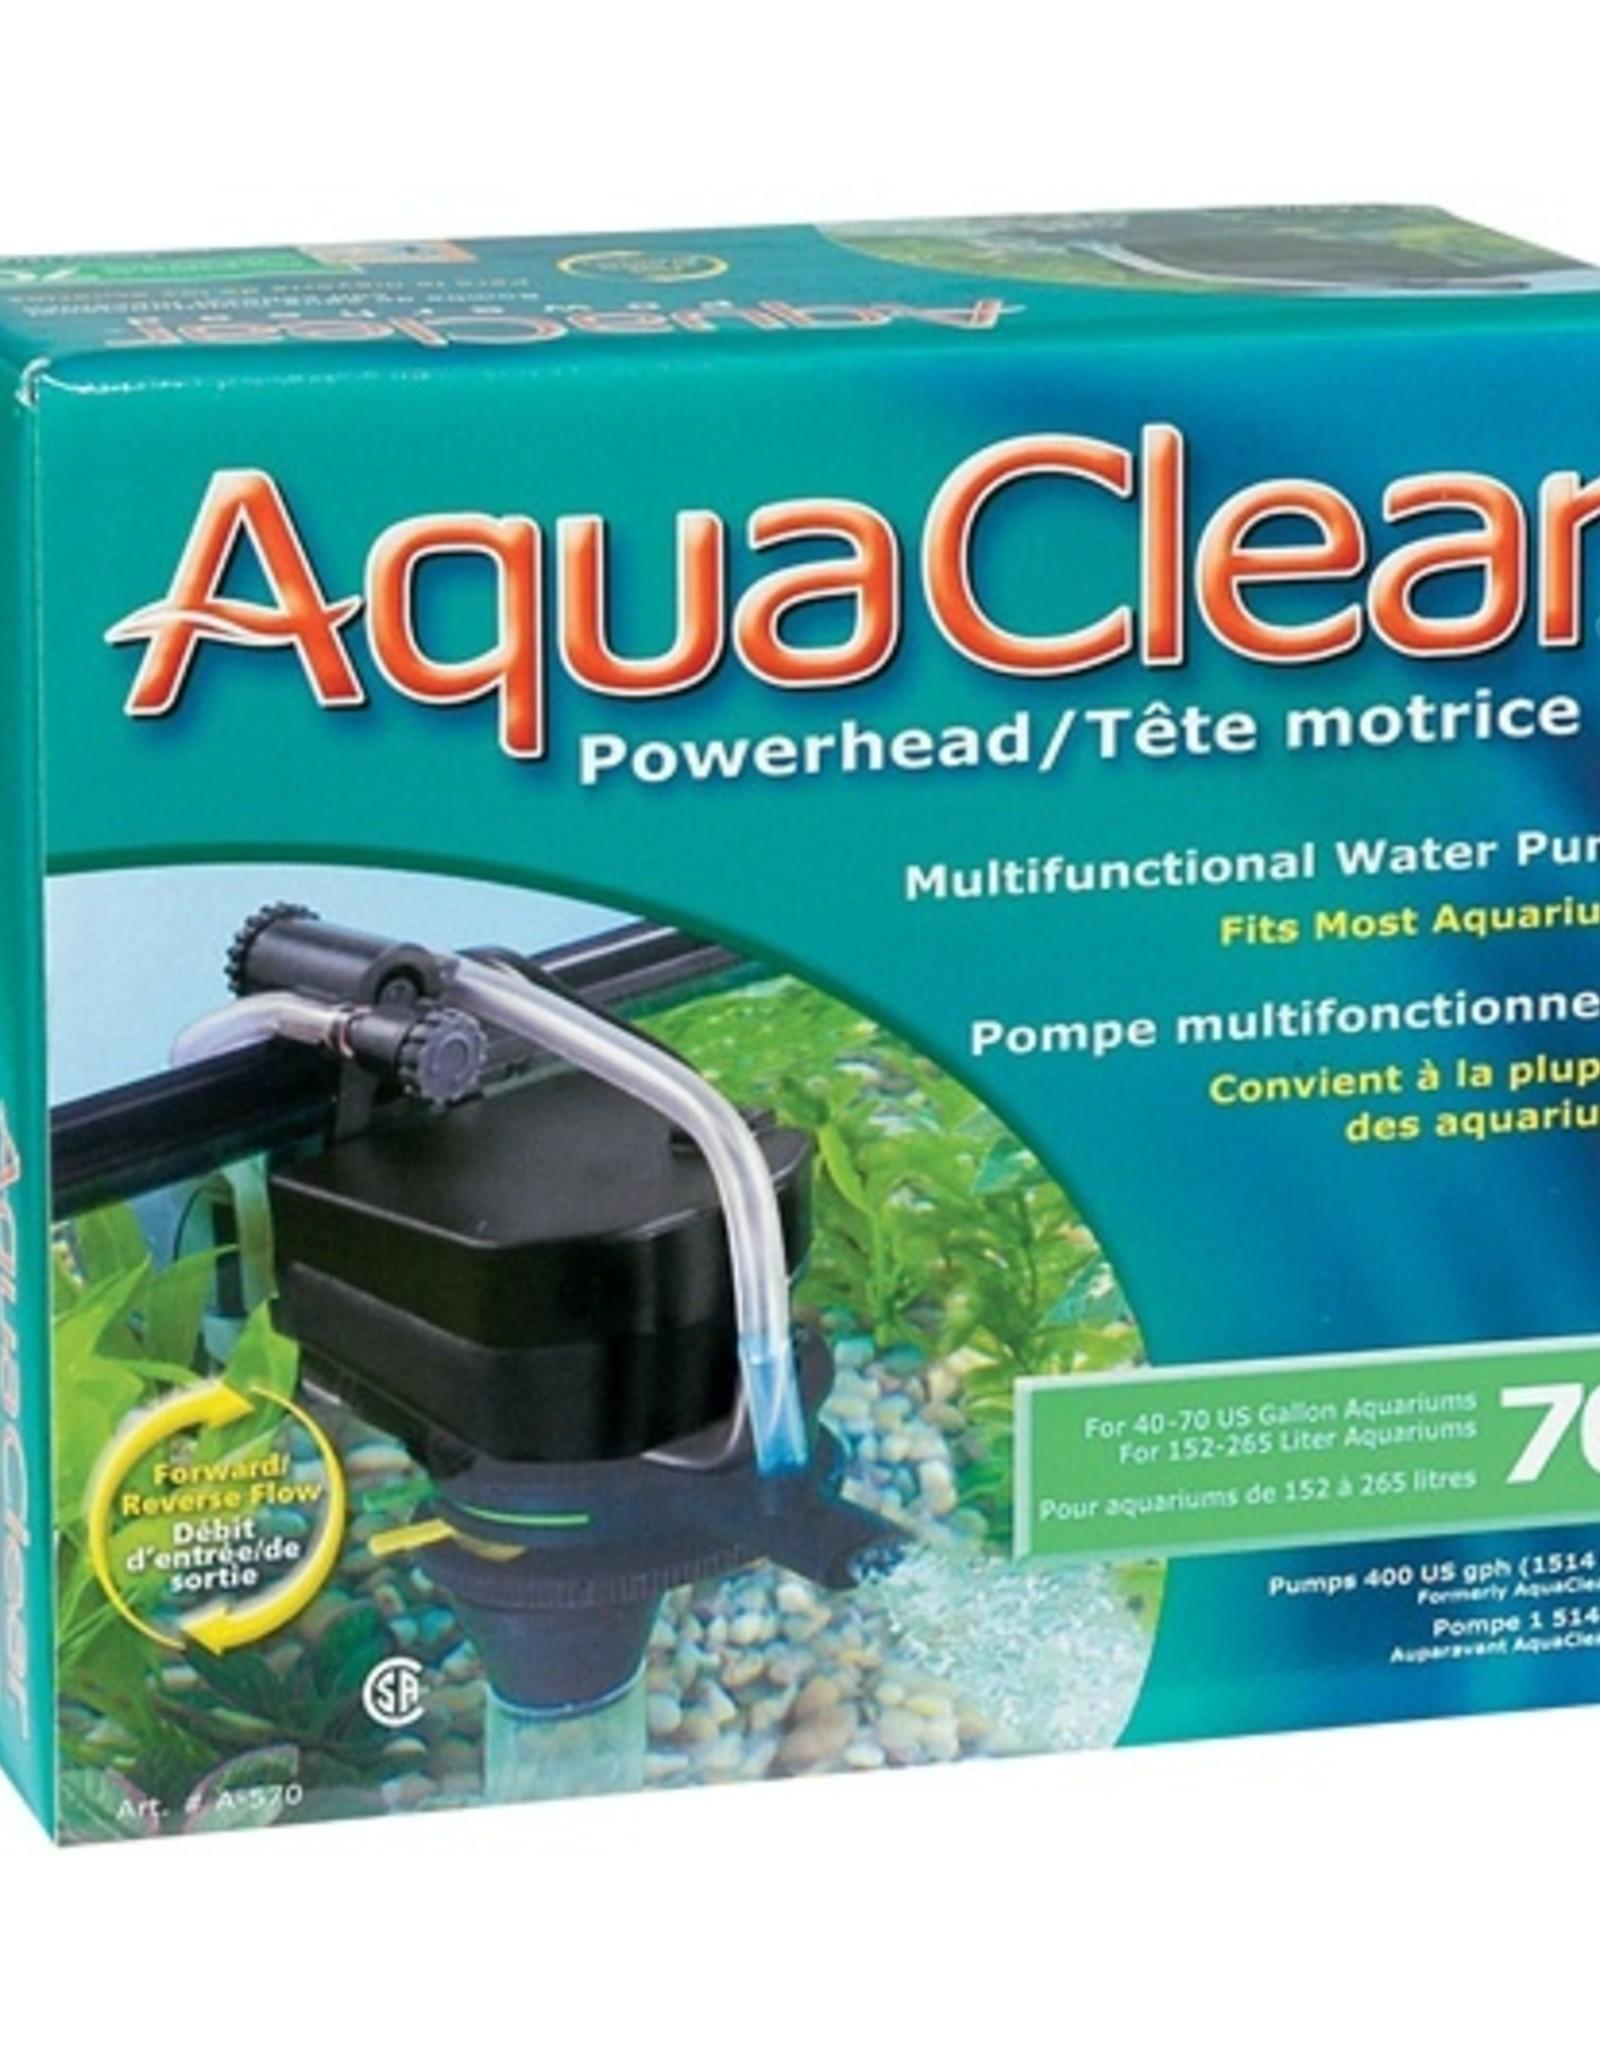 HAGEN AQUA CLEAR 70 400GPH POWER HEAD REVR